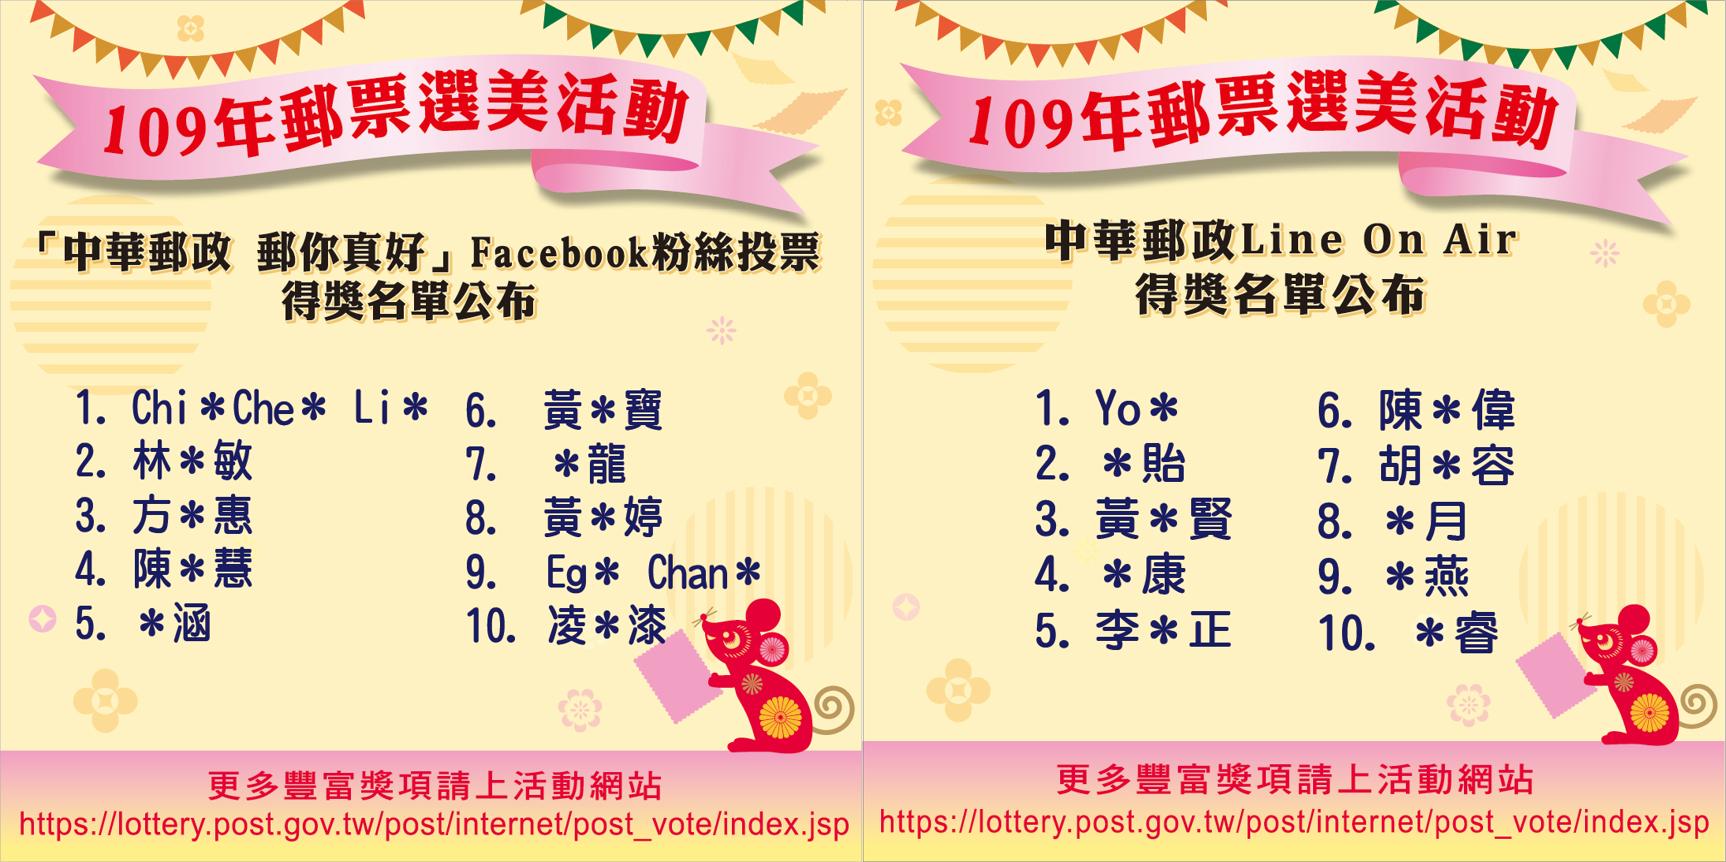 109年郵票選美活動 Facebook及LINE ON AIR投票得獎名單出爐